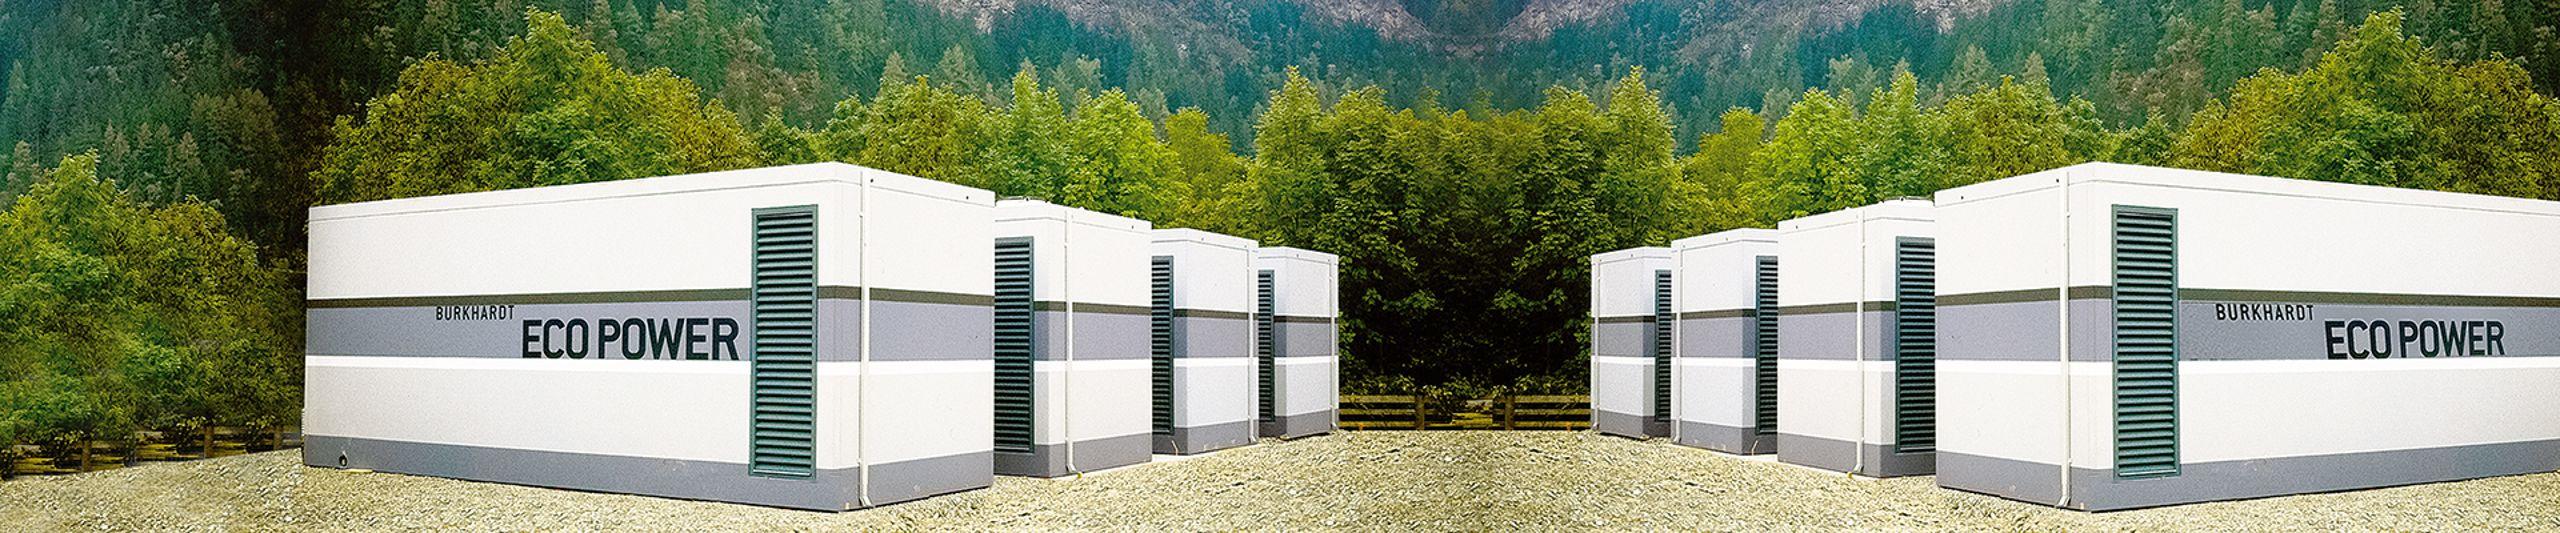 Modulare Raumzellen und Schalthäuser aus Beton